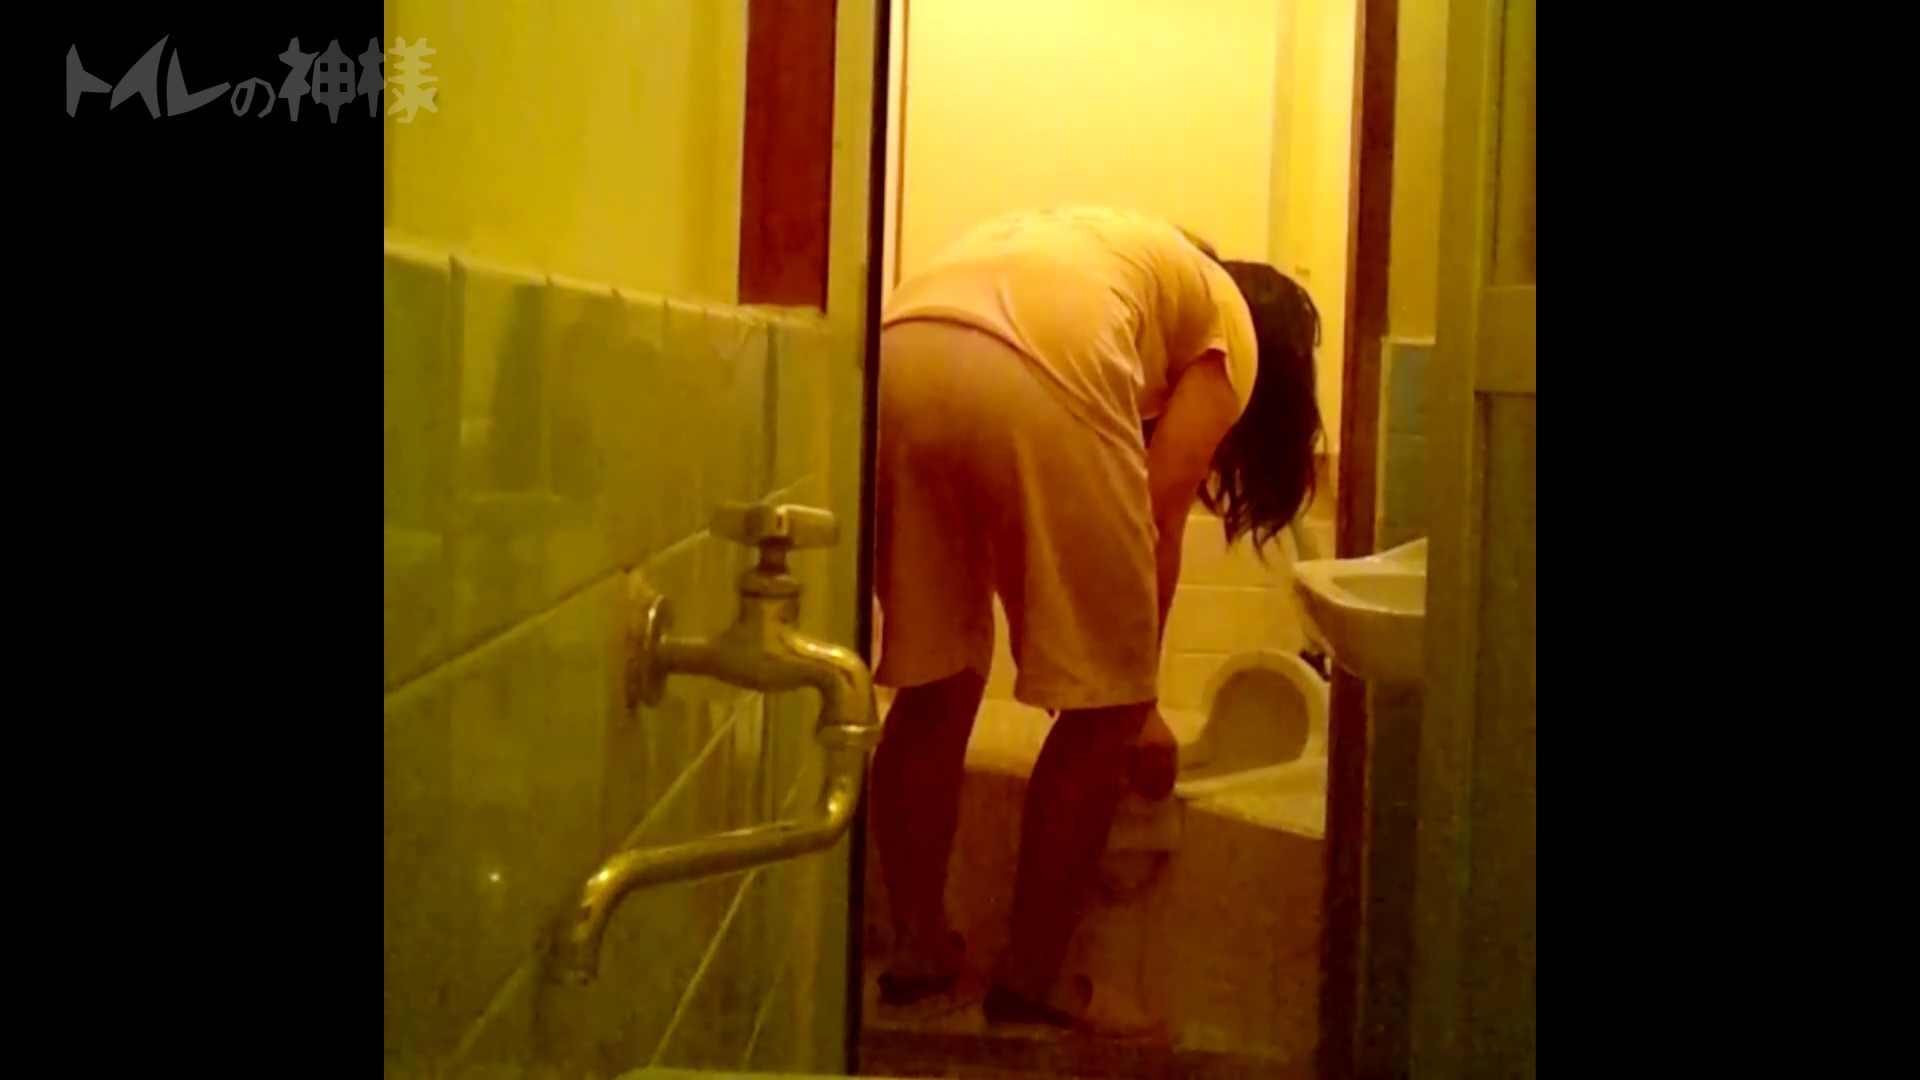 トイレの神様 Vol.08 プリントしたお・し・り トイレ中 | OL  46連発 6